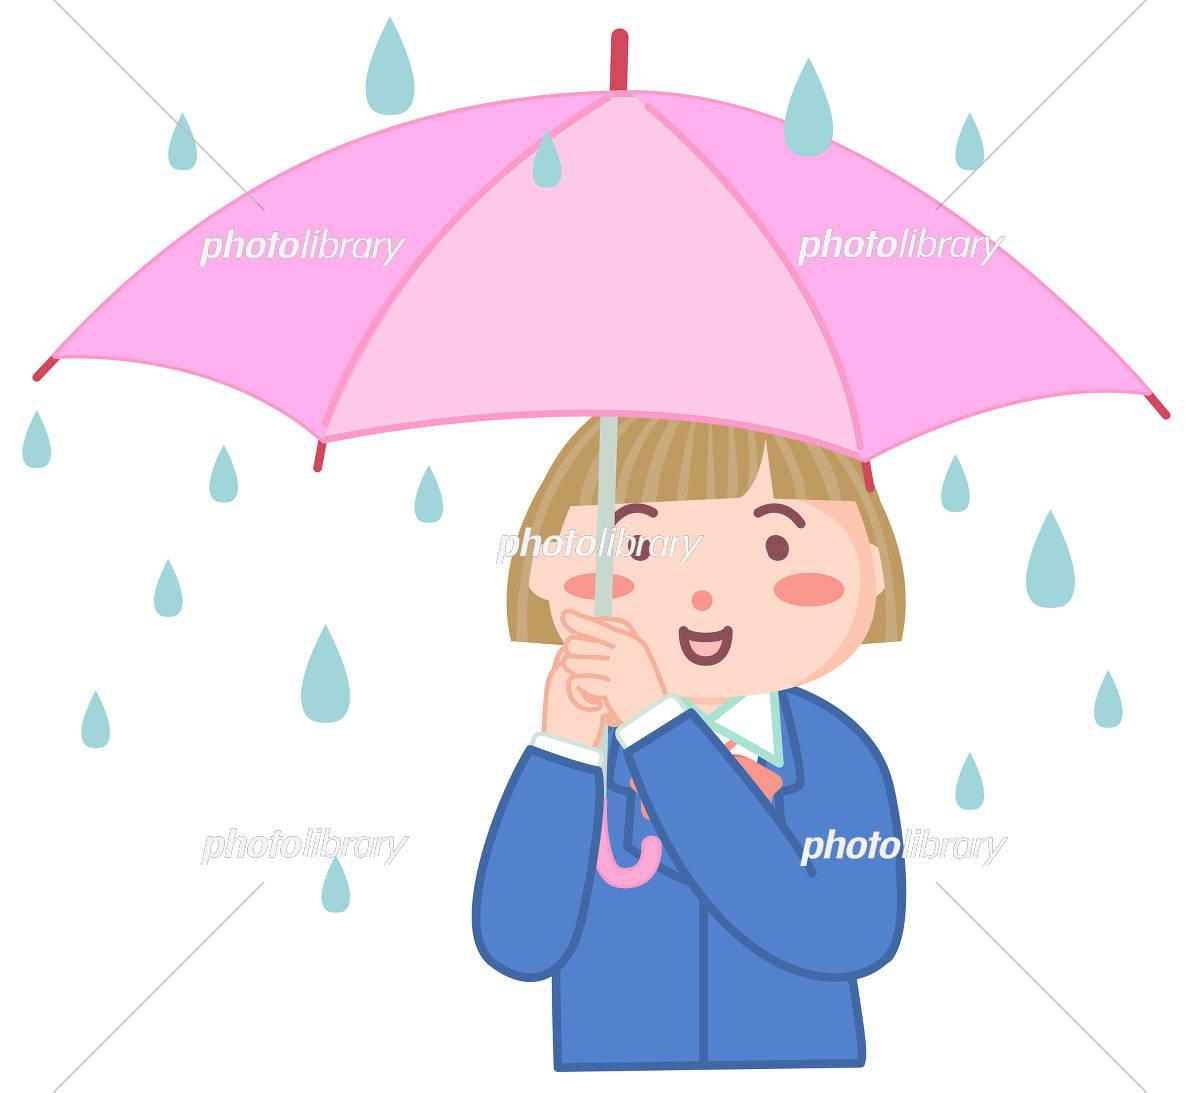 傘を差す女の子 イラスト素材 5539197 フォトライブラリー